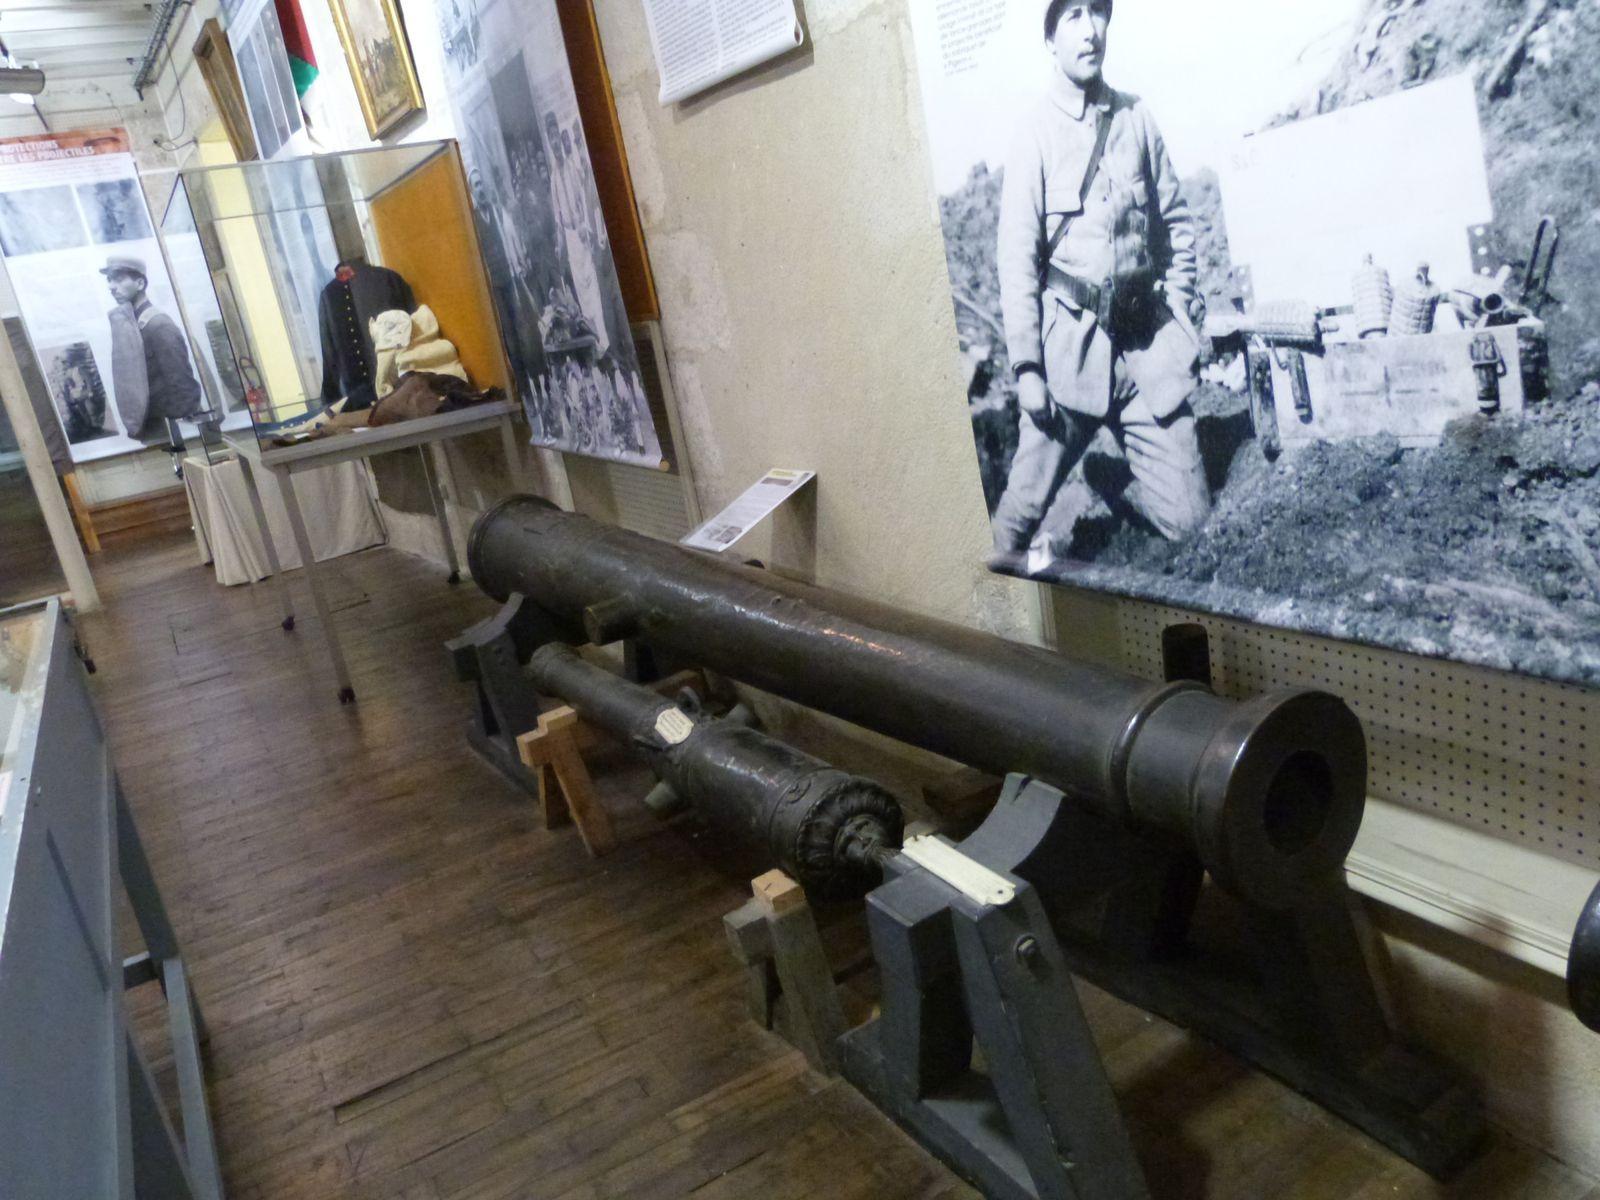 Musée militaire de Périgueux, octobre 2014, Kévin, Redi, Eloïse, Joy